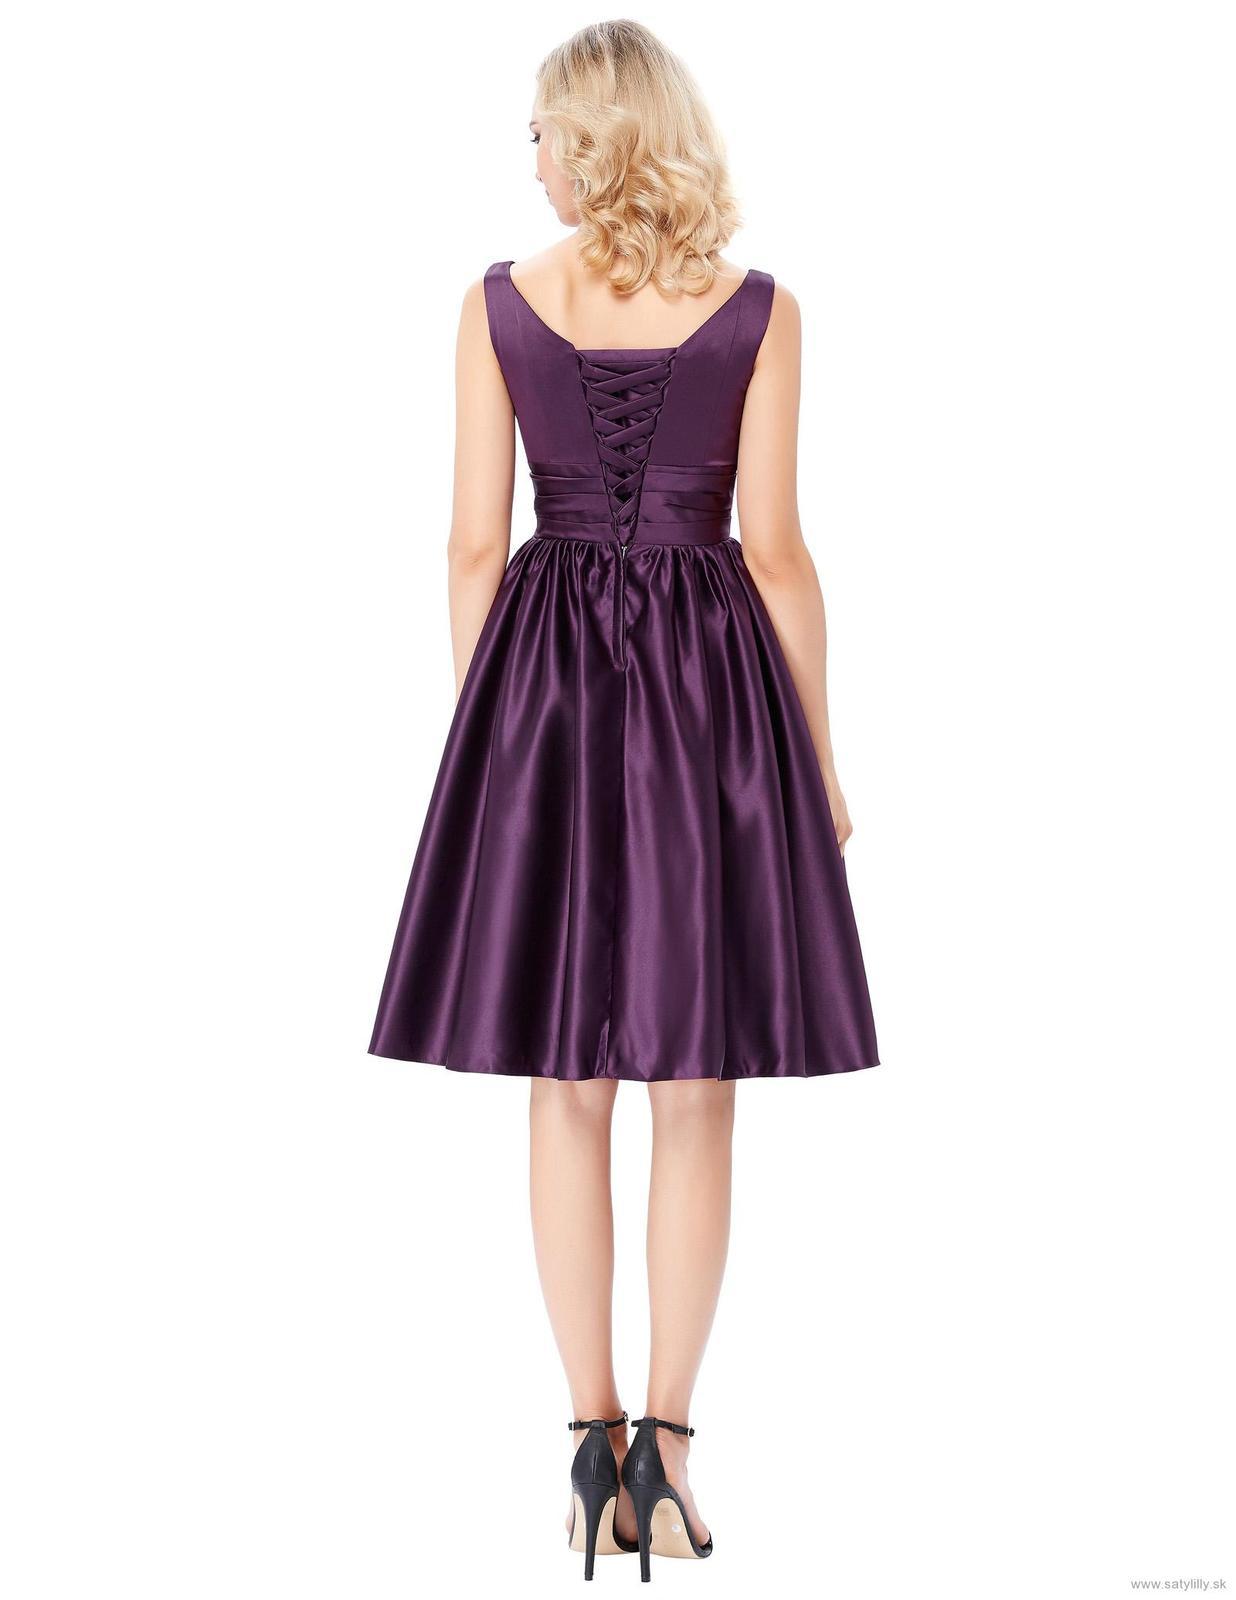 Spoločenské šaty 9126 - veľ. 34 dodanie IHNEĎ - Obrázok č. 2